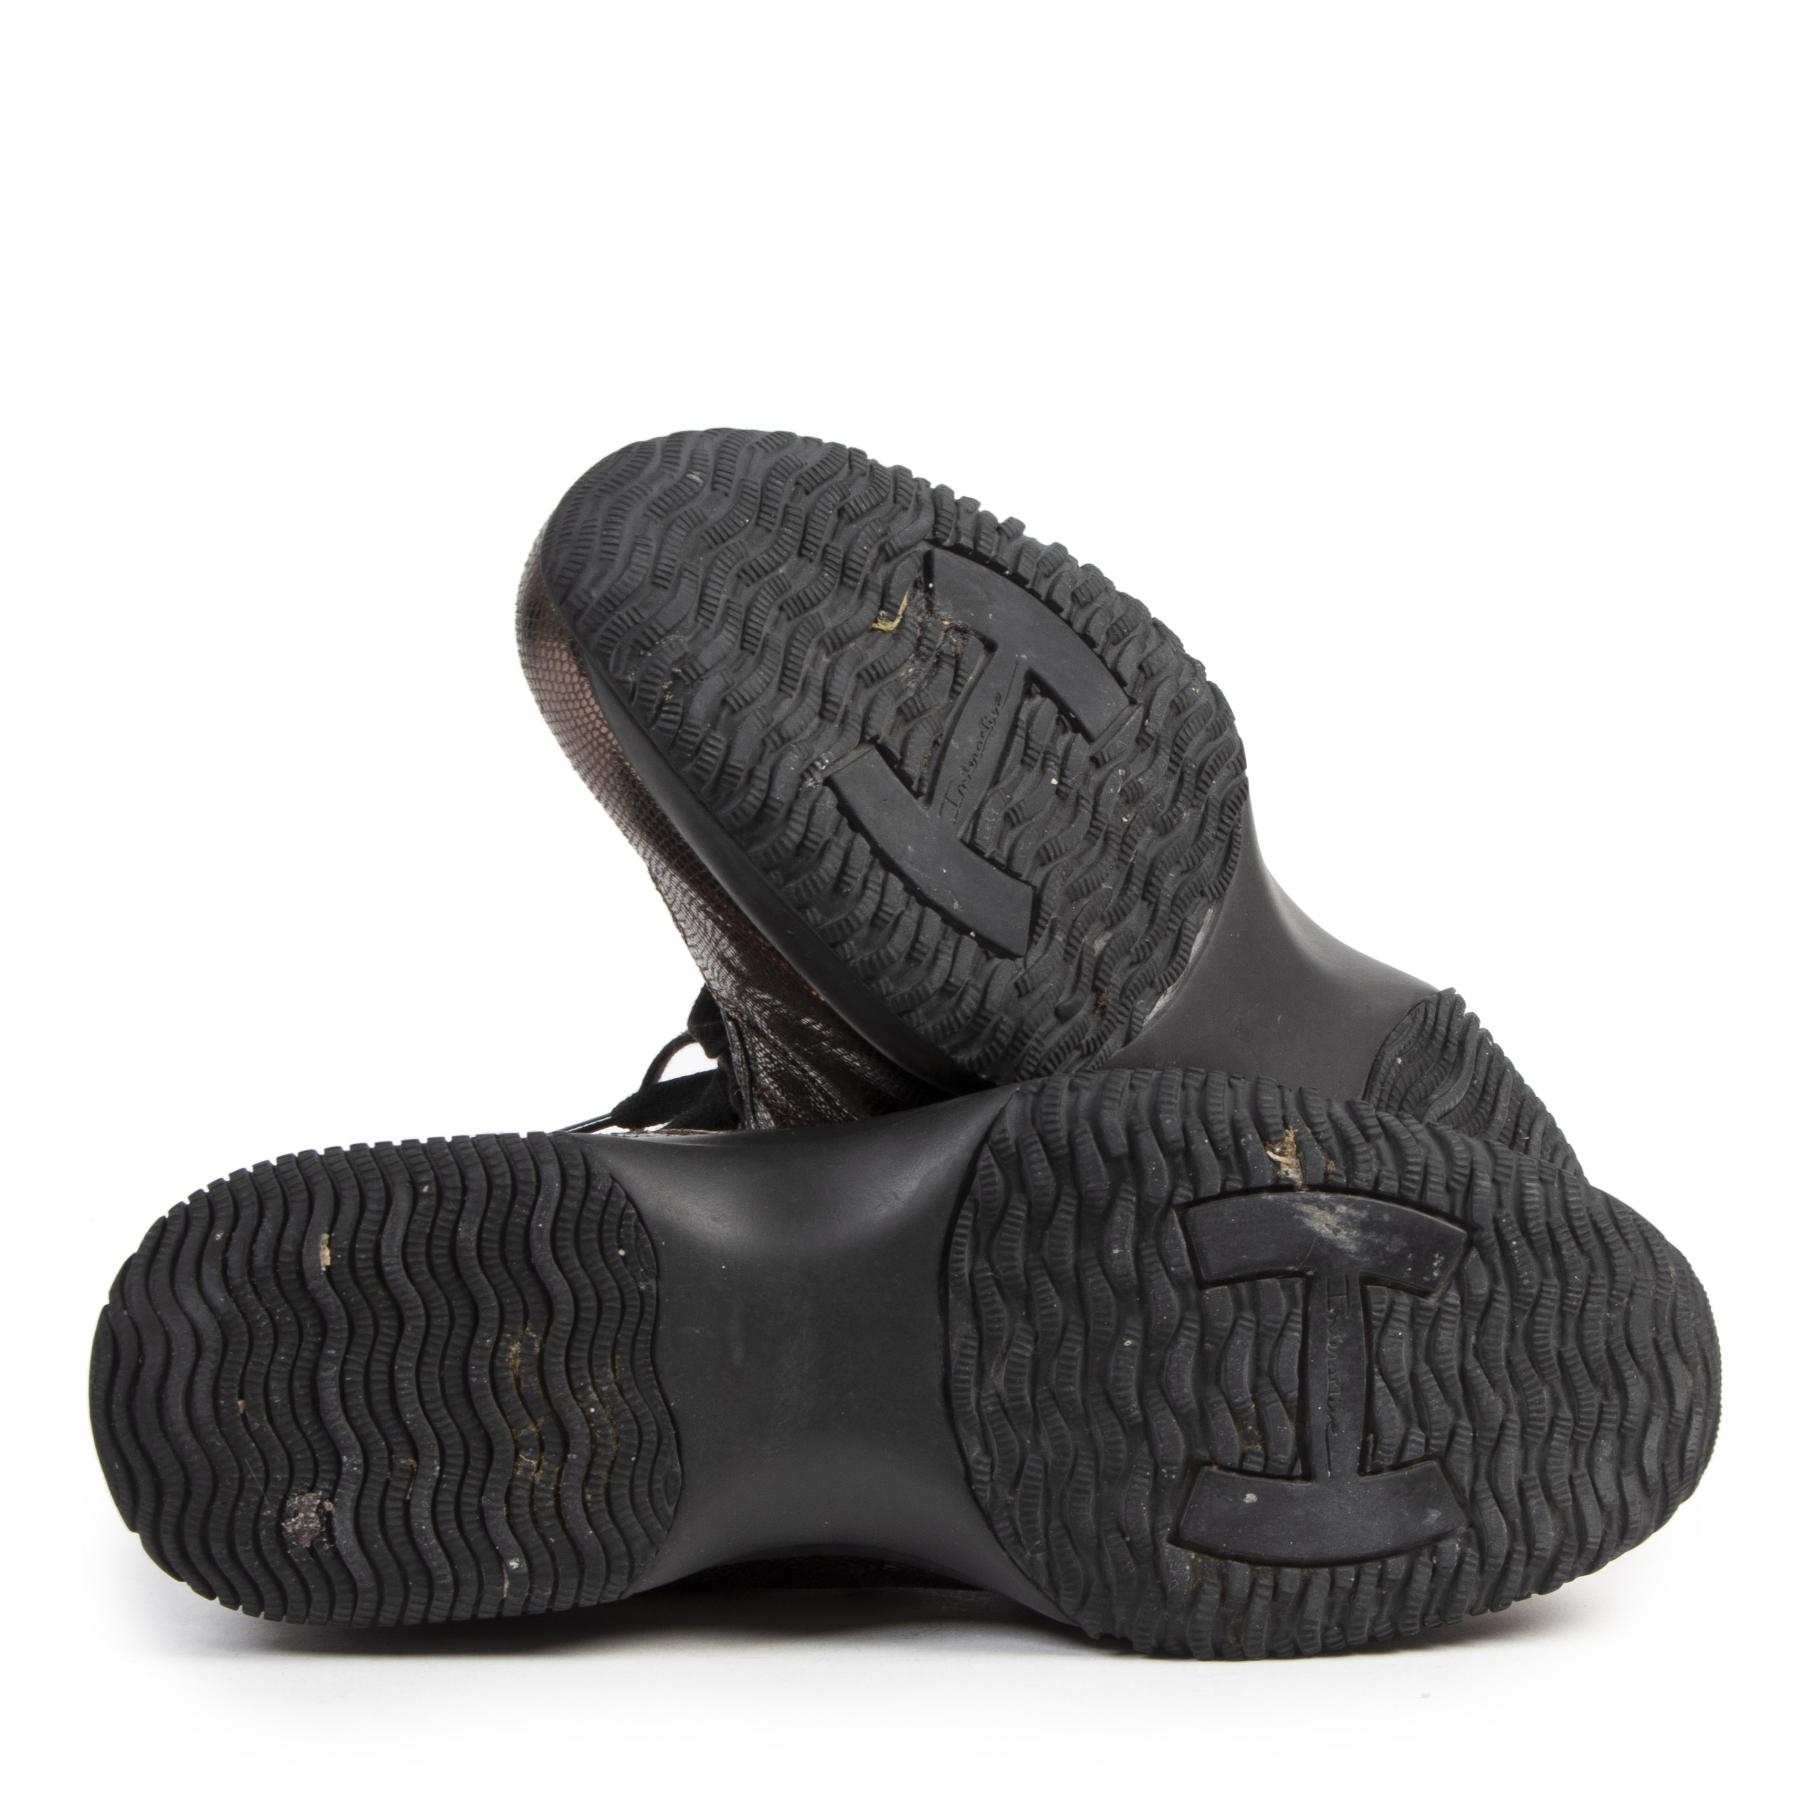 Authentieke tweedehands vintage Hogan Metallic Snake-effect Interactive Sneakers - Size 40 koop online webshop LabelLOV